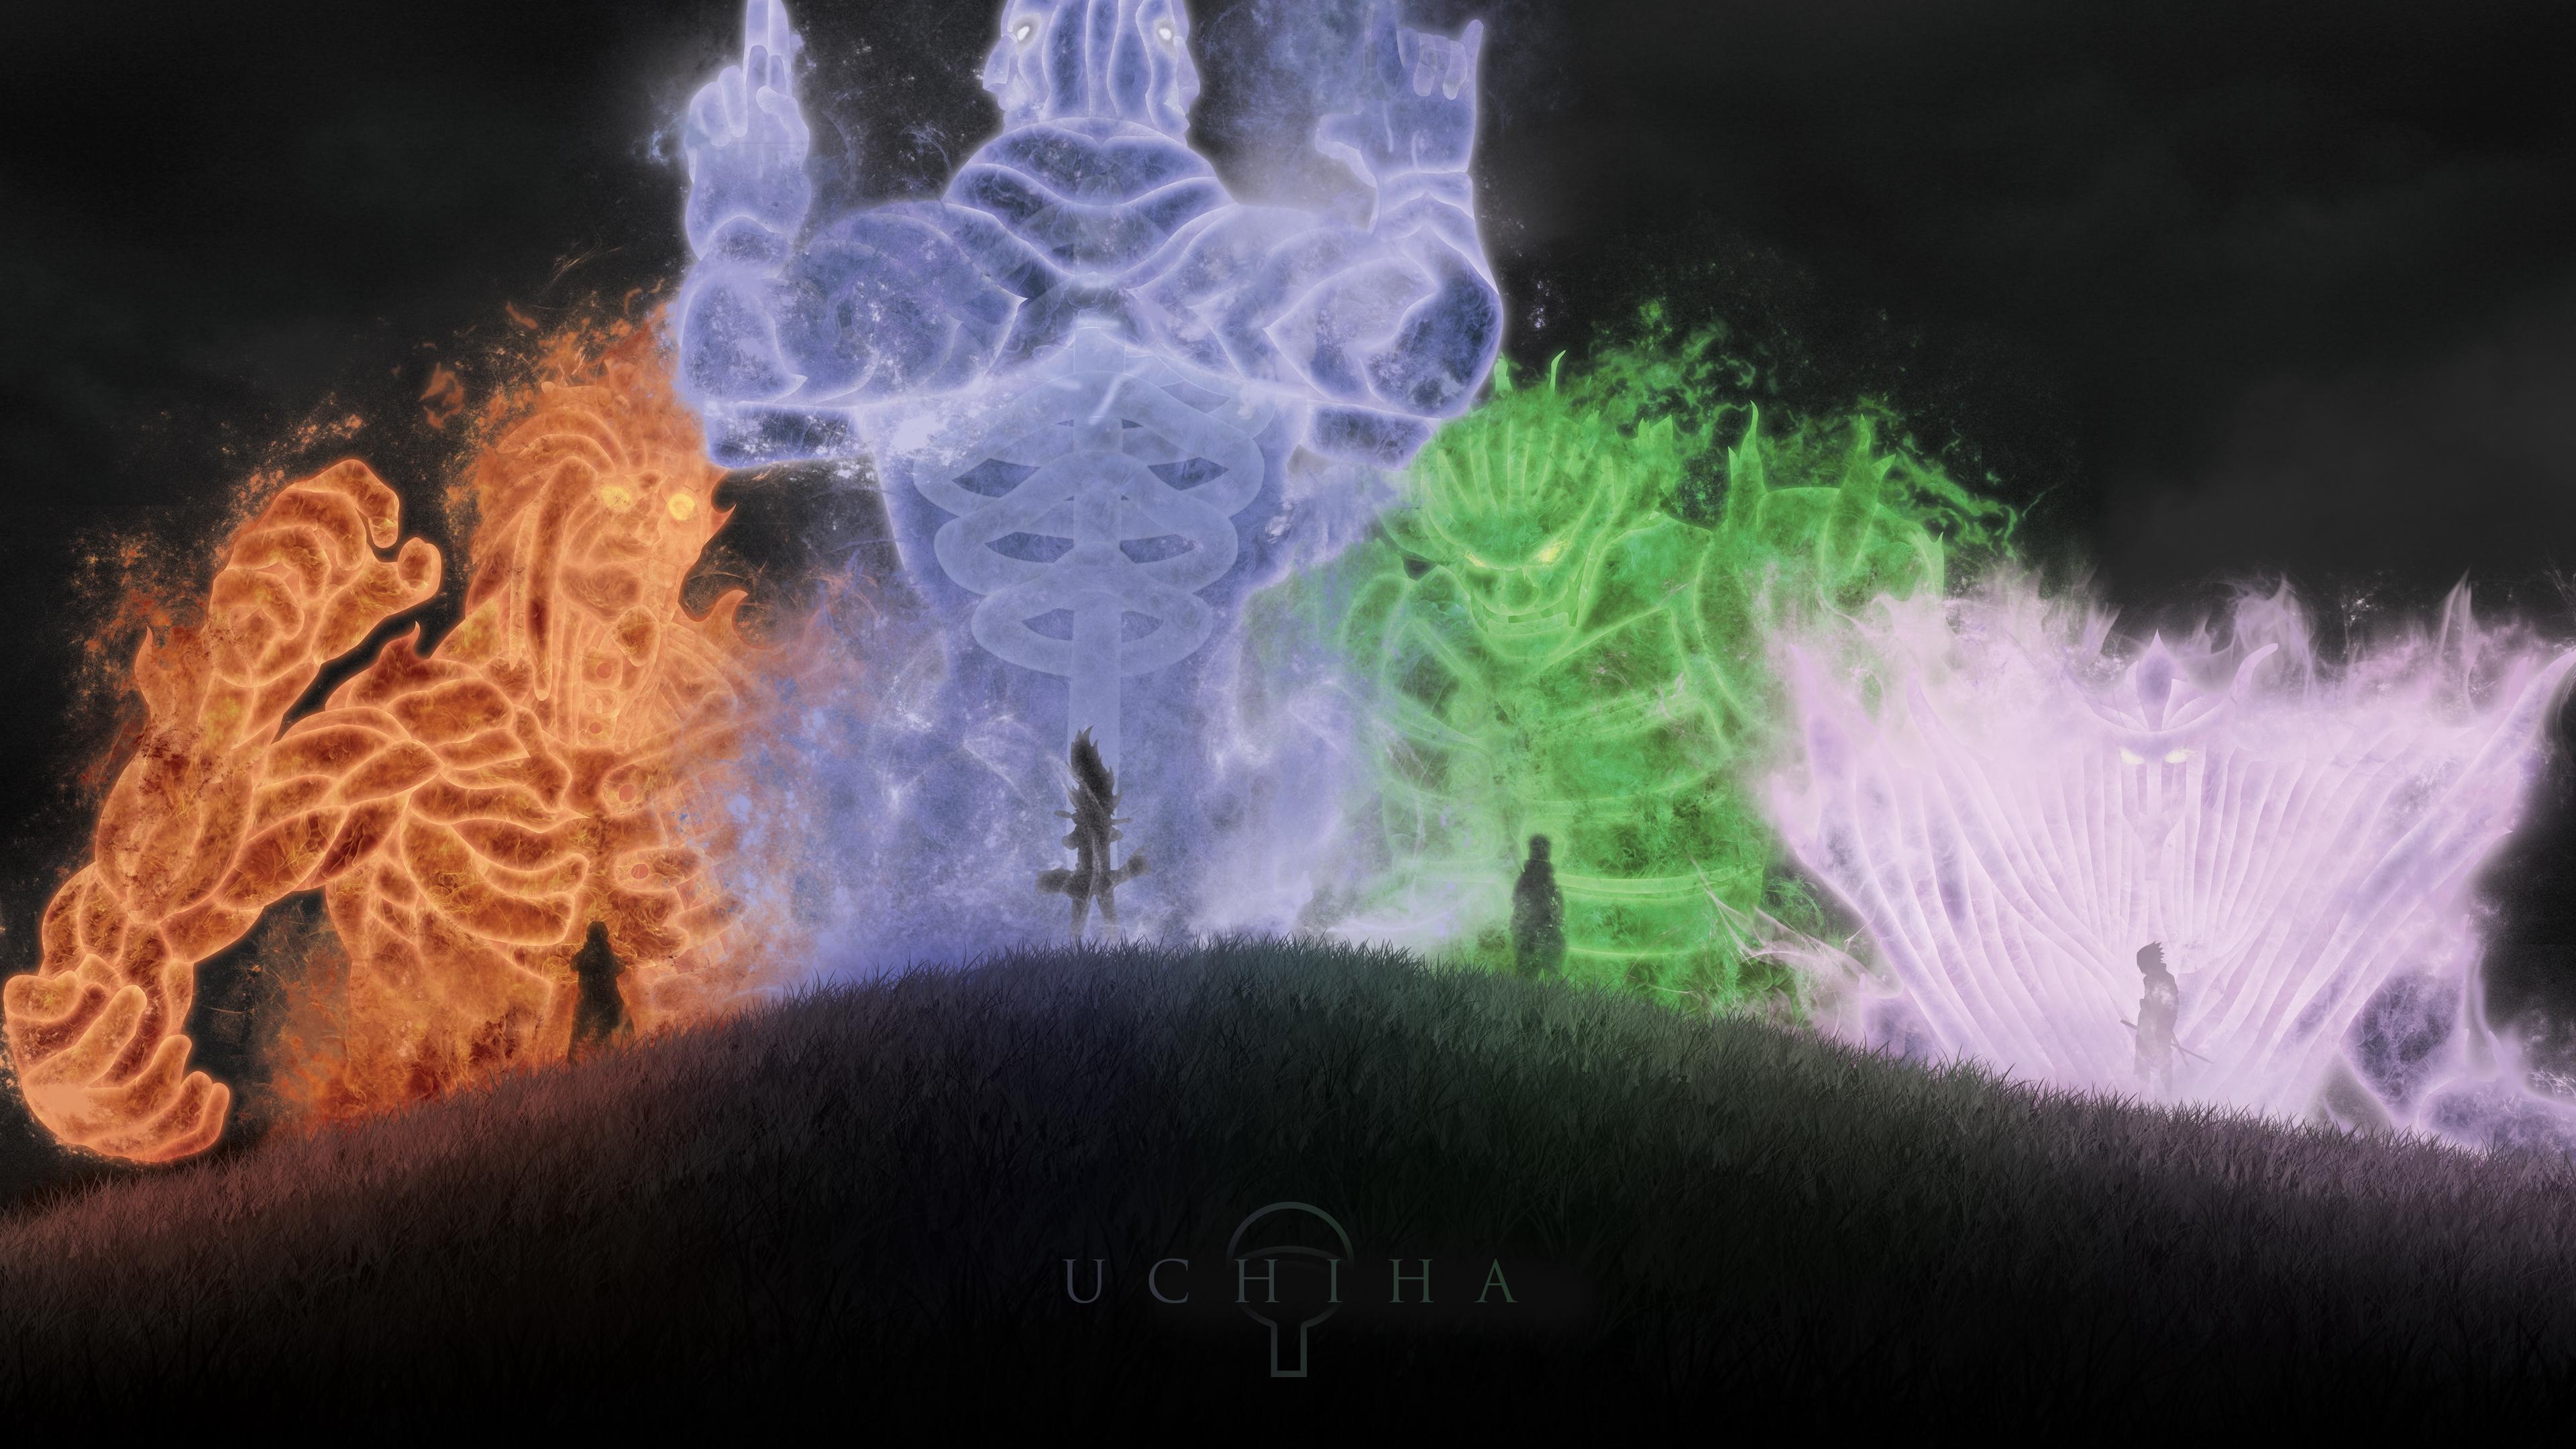 naruto uchiha art 4k 1541975822 - naruto, uchiha, art 4k - uchiha, Naruto, art